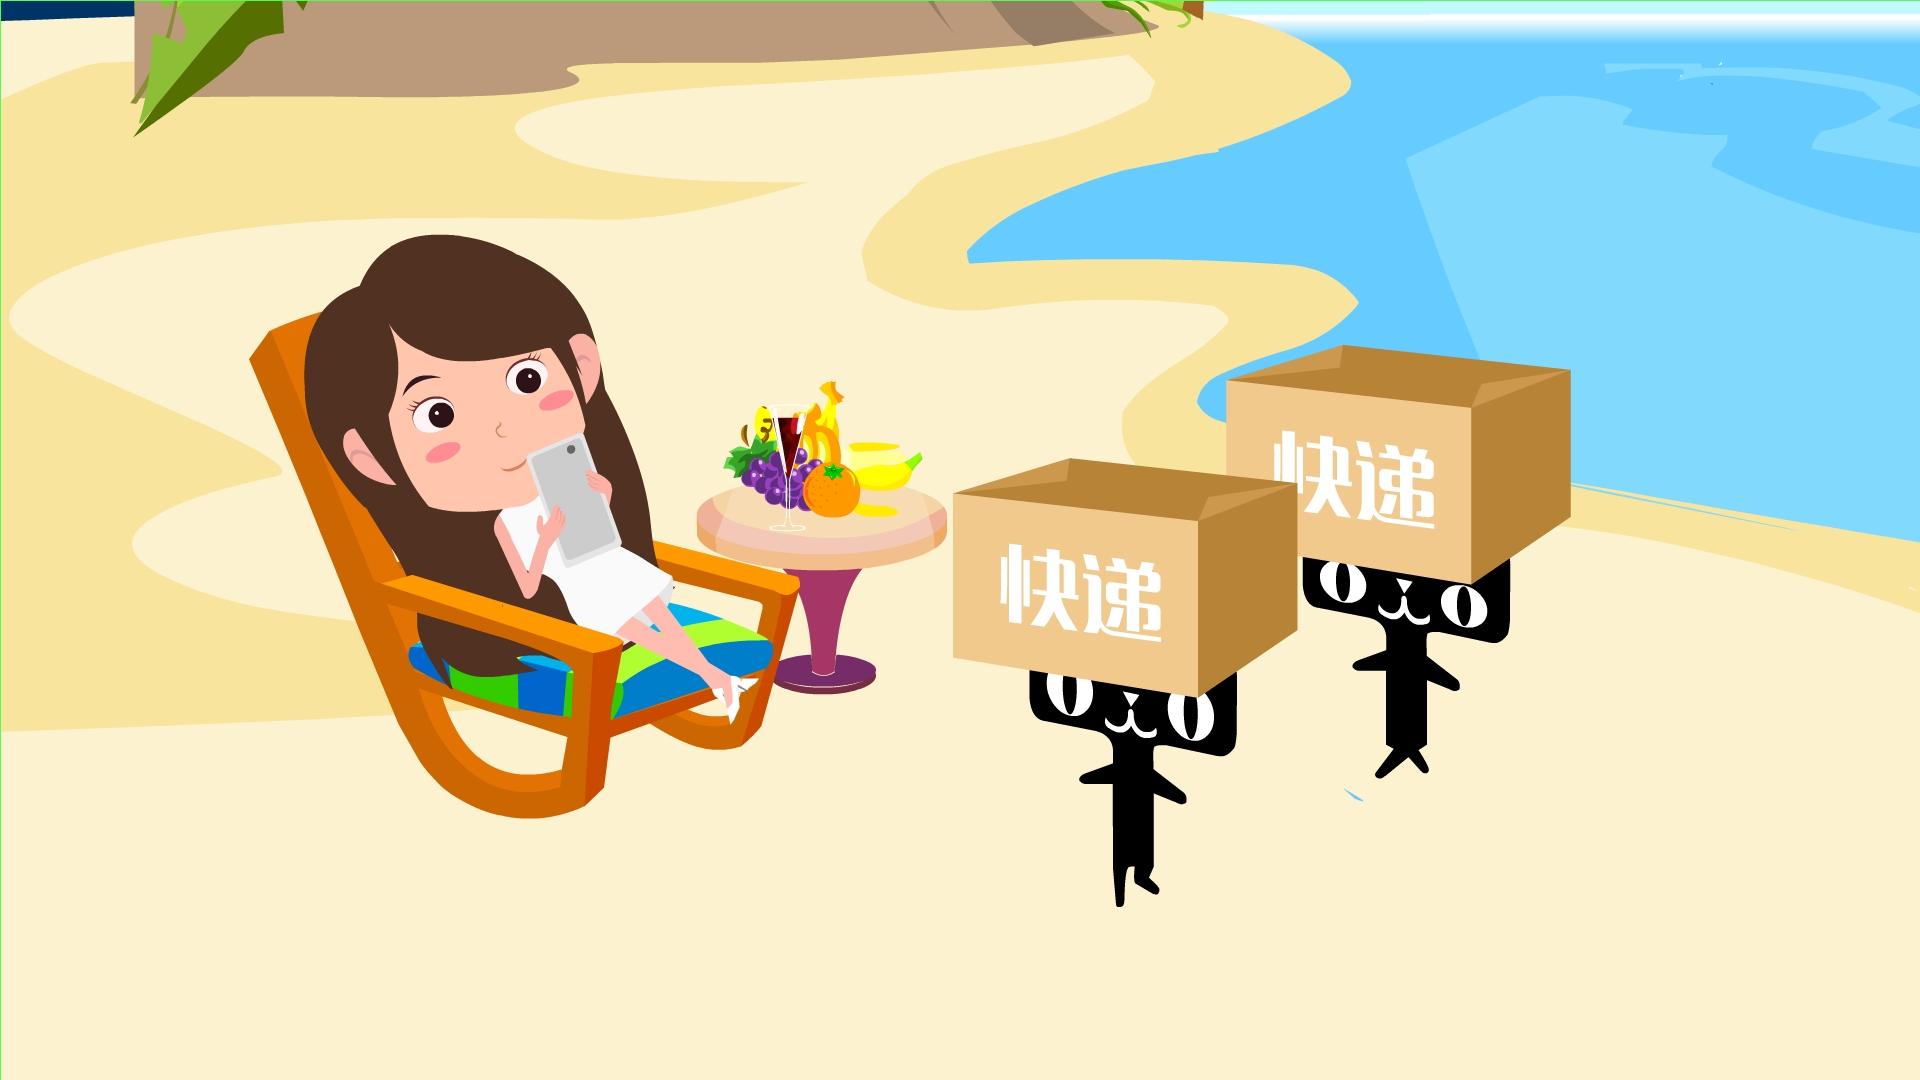 上海黑魅文化传播有限公司专业制作flash动画视频:flash宣传动画制作,flash广告动画制作,flash课件动画制作,flash产品演示动画制作,flash动漫mv动画制作等,有需要制作的小伙伴请联系:qq:978959618 电话:13916577984 网址:www.heimeiwenhua.cn 马云的女人 演唱:大喇叭 作词:大喇叭 珞岩 作曲:大喇叭 珞岩 马云的女人到底有多少 创下了千亿神话刷爆了支付宝 马云的女人到底有多少 全世界的男人谁能比的了 马云的女人玩的是心跳 一天到晚她没正